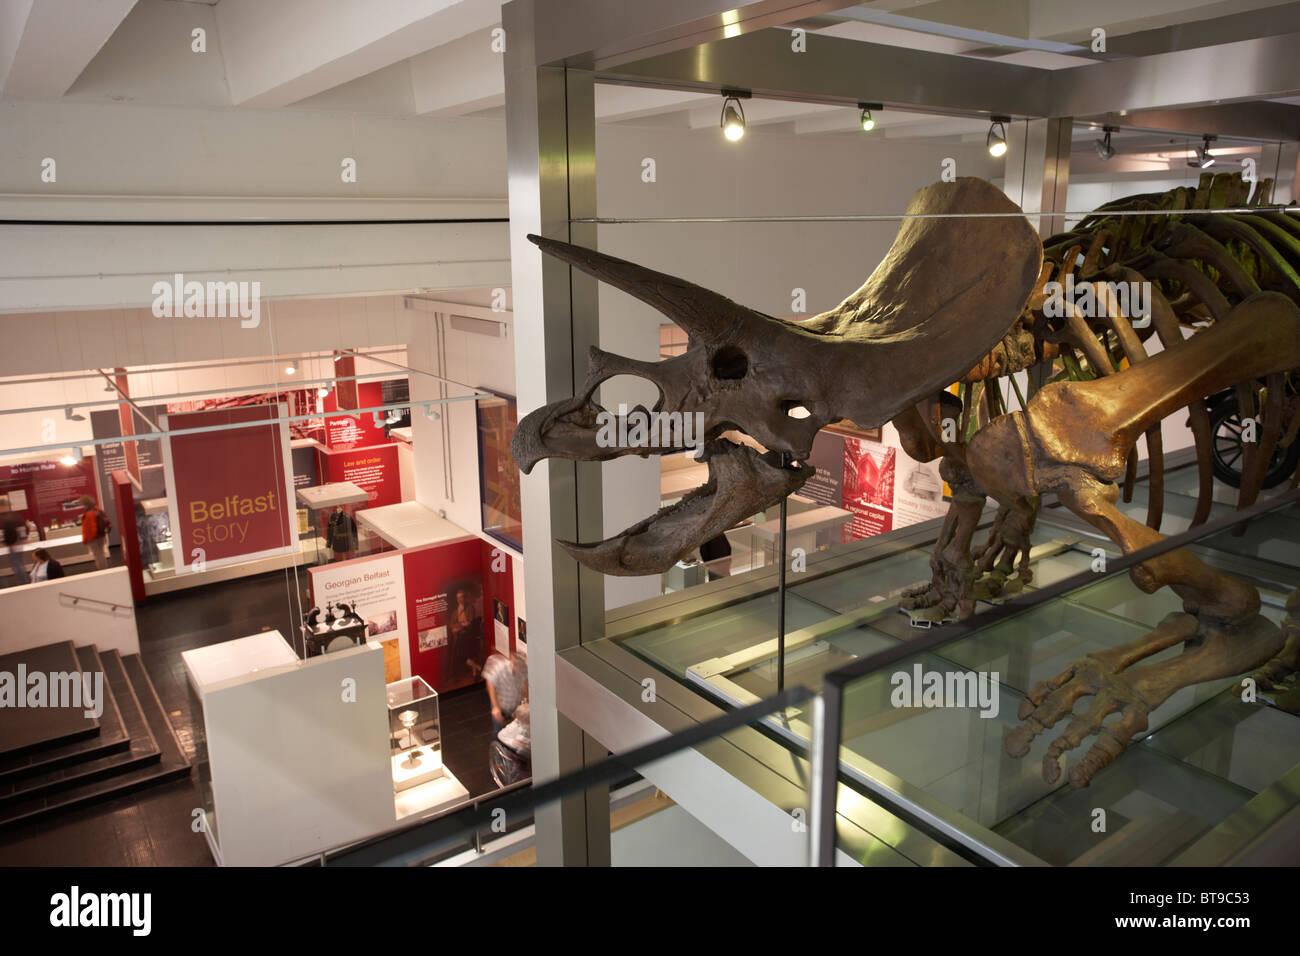 Modelo triceratops exhibición del renovado Museo de Ulster Belfast, Irlanda del Norte ni UK Foto de stock